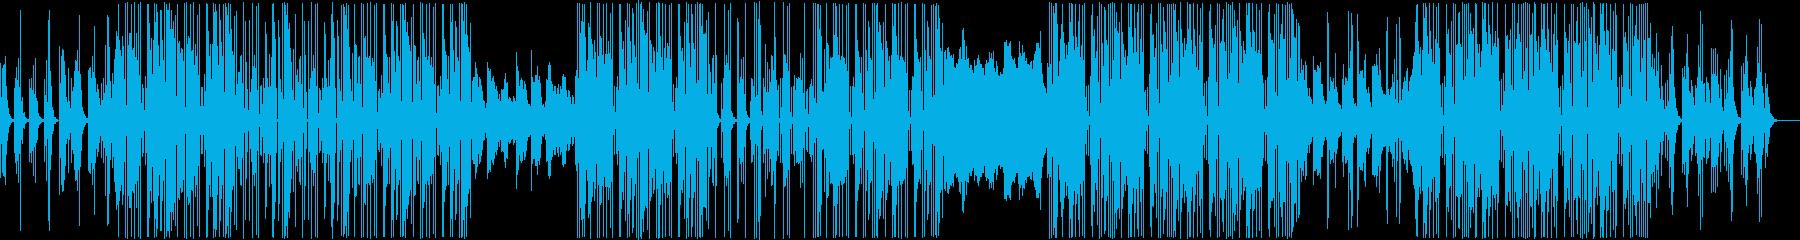 洋楽テイストのポップR&B BGMの再生済みの波形